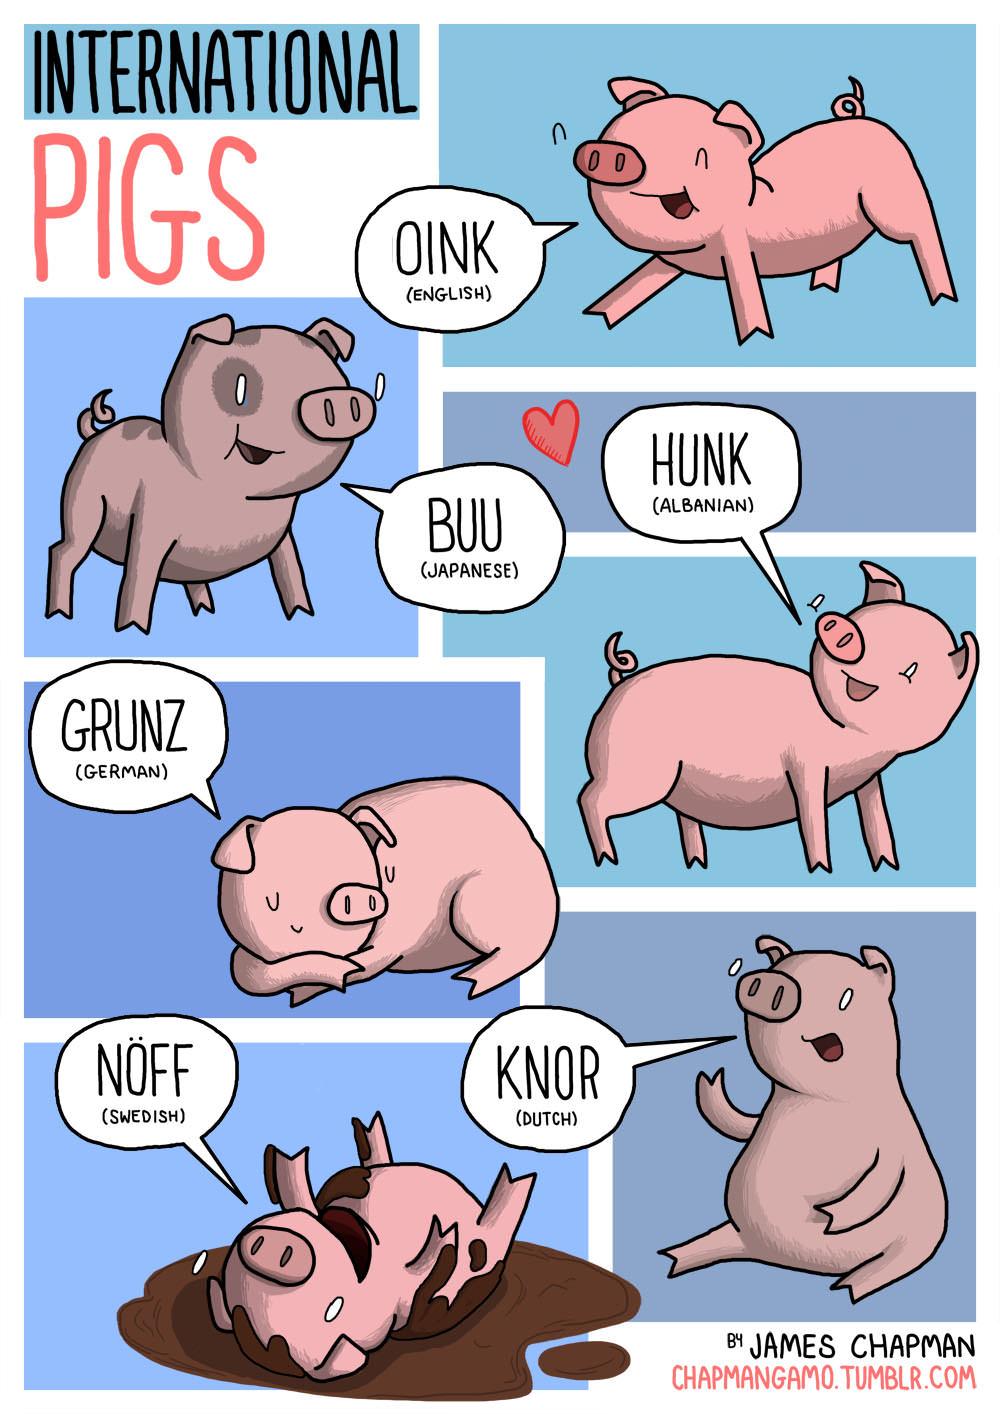 Lucu Suara Binatang Dalam Berbagai Bahasa Ini Blognya Eika Vio